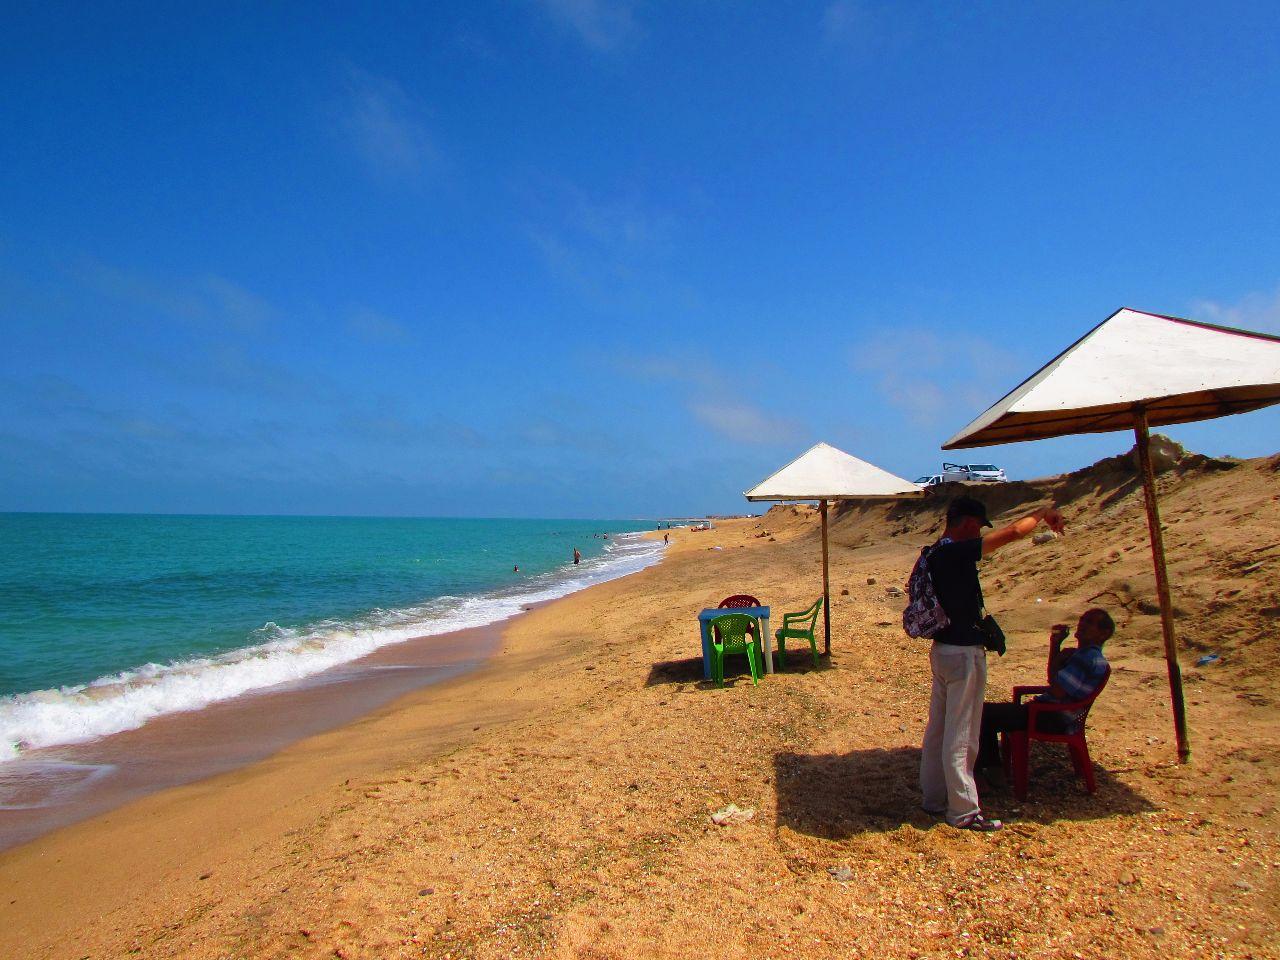 Апшеронский полуостров пляжей 53